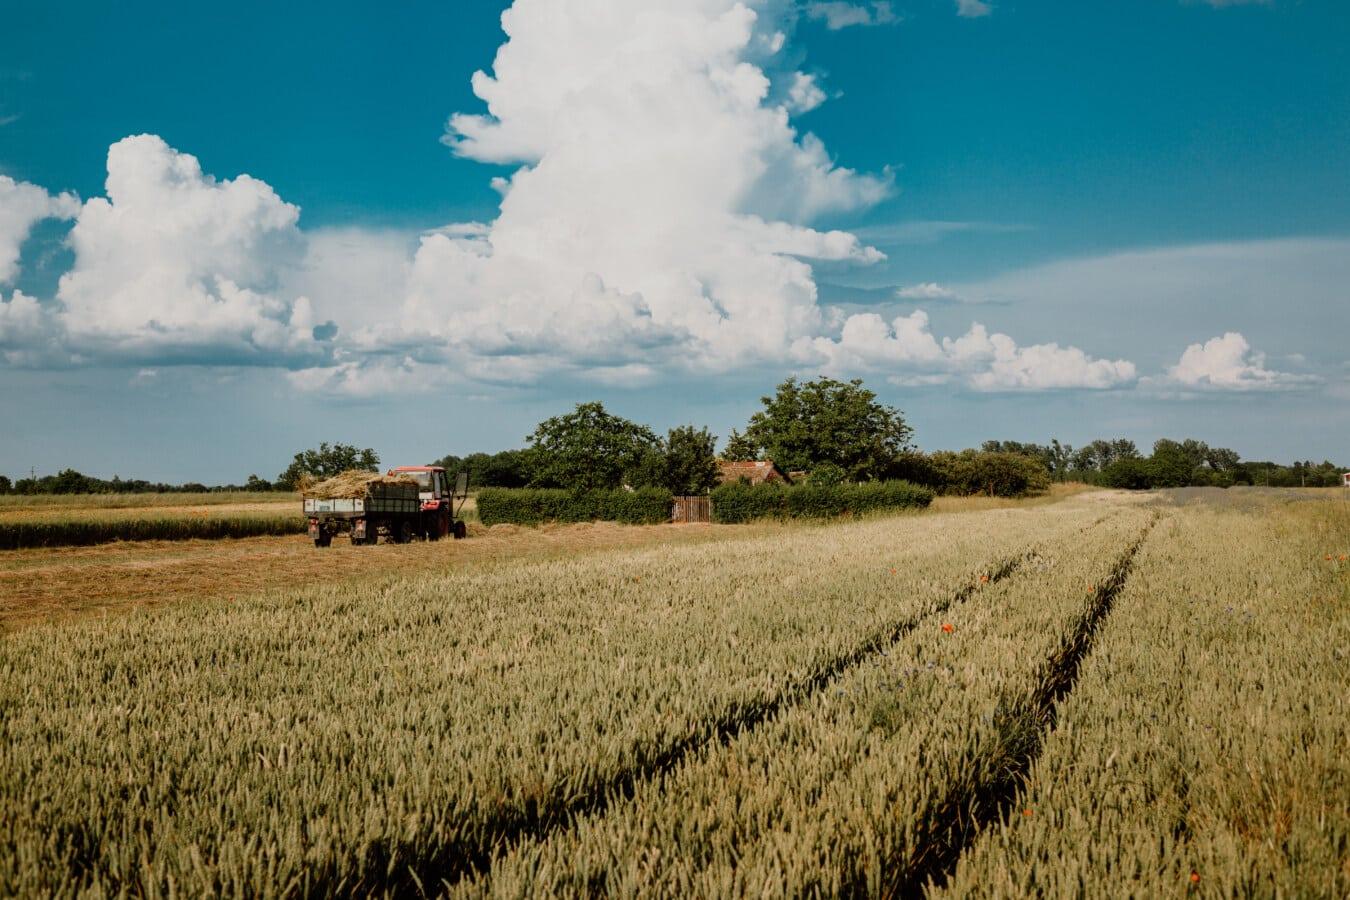 รถแทรกเตอร์, wheatfield, เกษตร, มหาสมุทร, ฟิลด์งาน, เฮย์, หญ้าแห้ง, ภูมิทัศน์, ฟาง, ฟิลด์